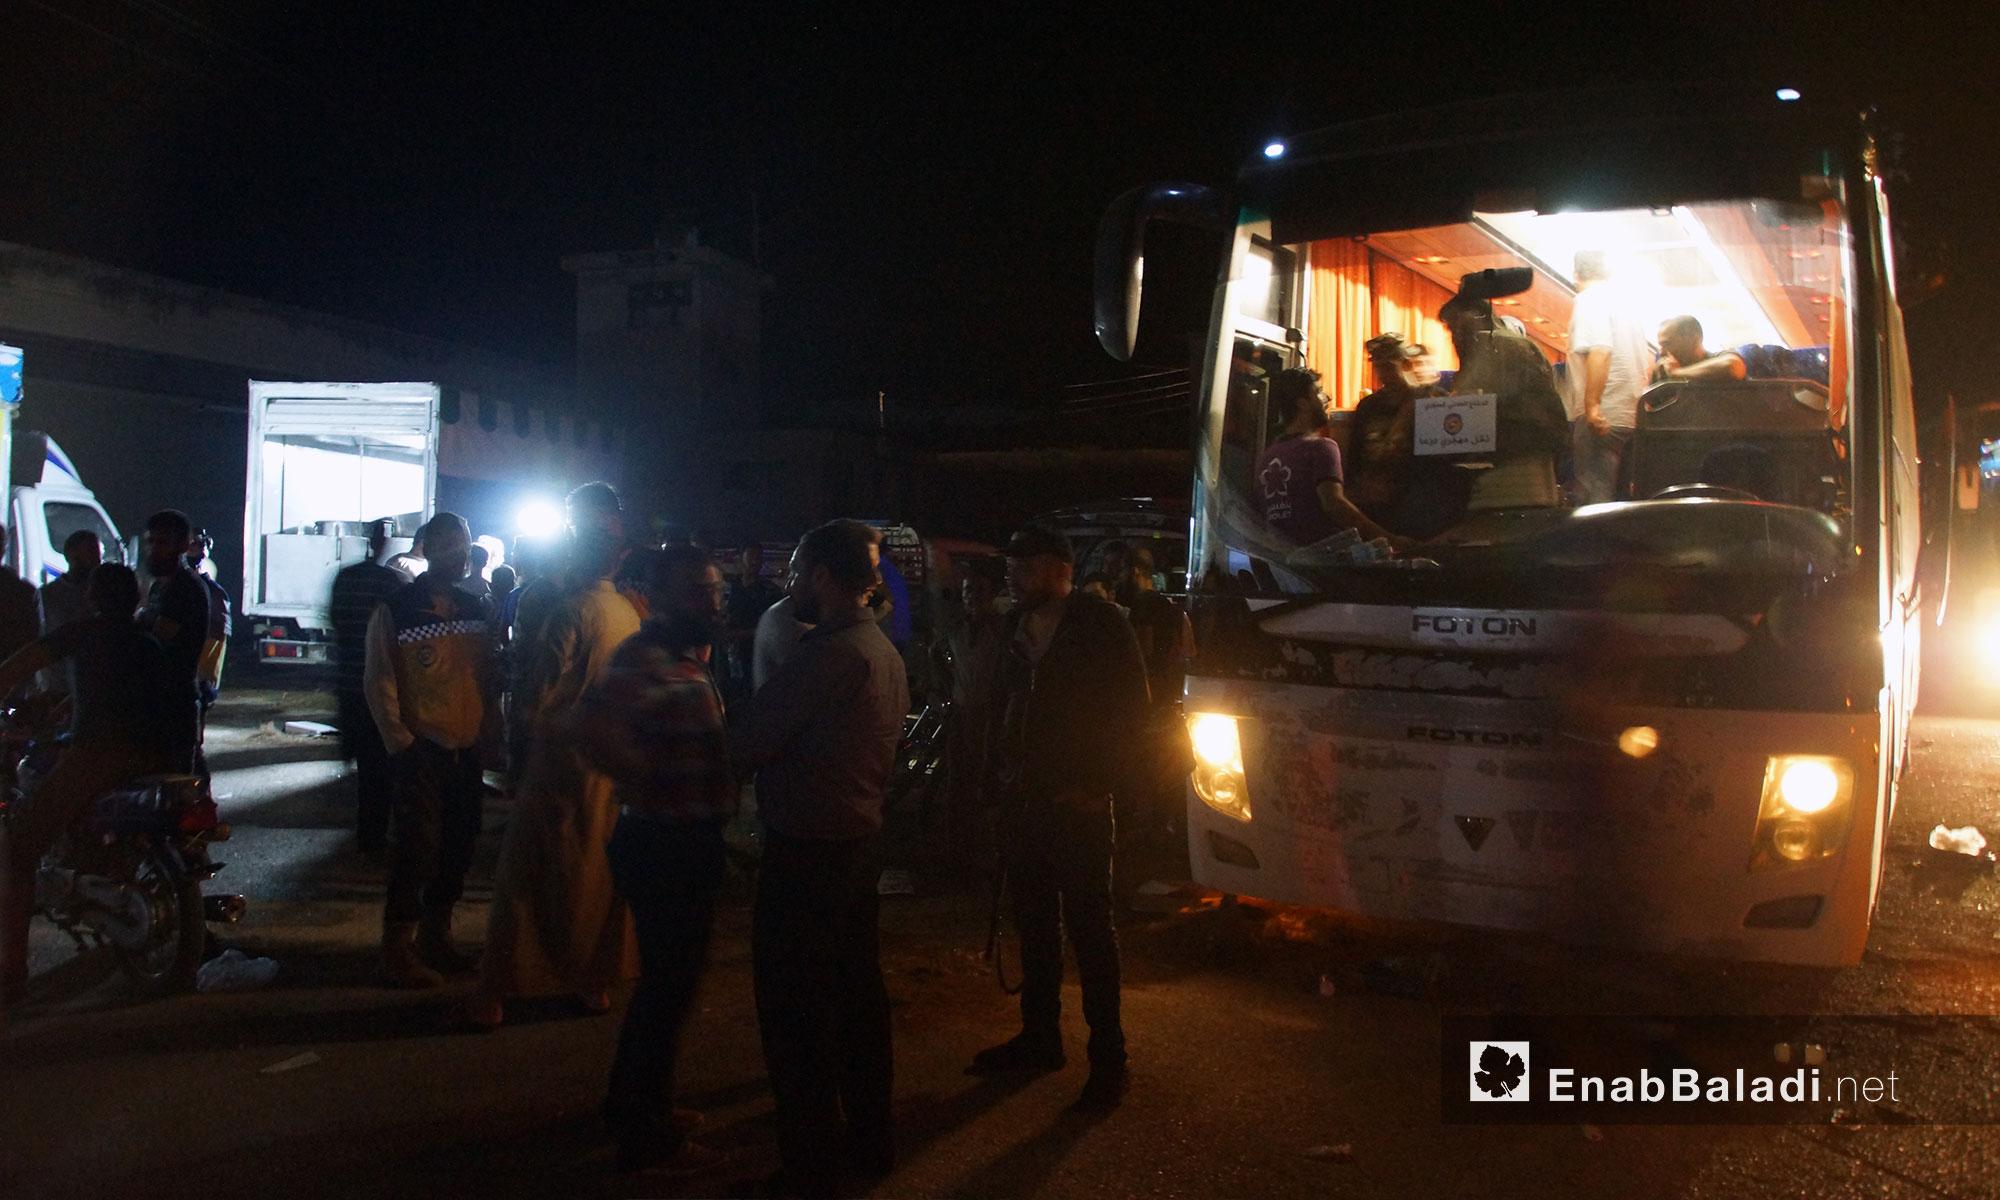 وصول القافلة الأولى من مهجري درعا إلى مدينة قلعة المضيق في ريف حماه - 16 تموز 2018 (عنب بلدي)